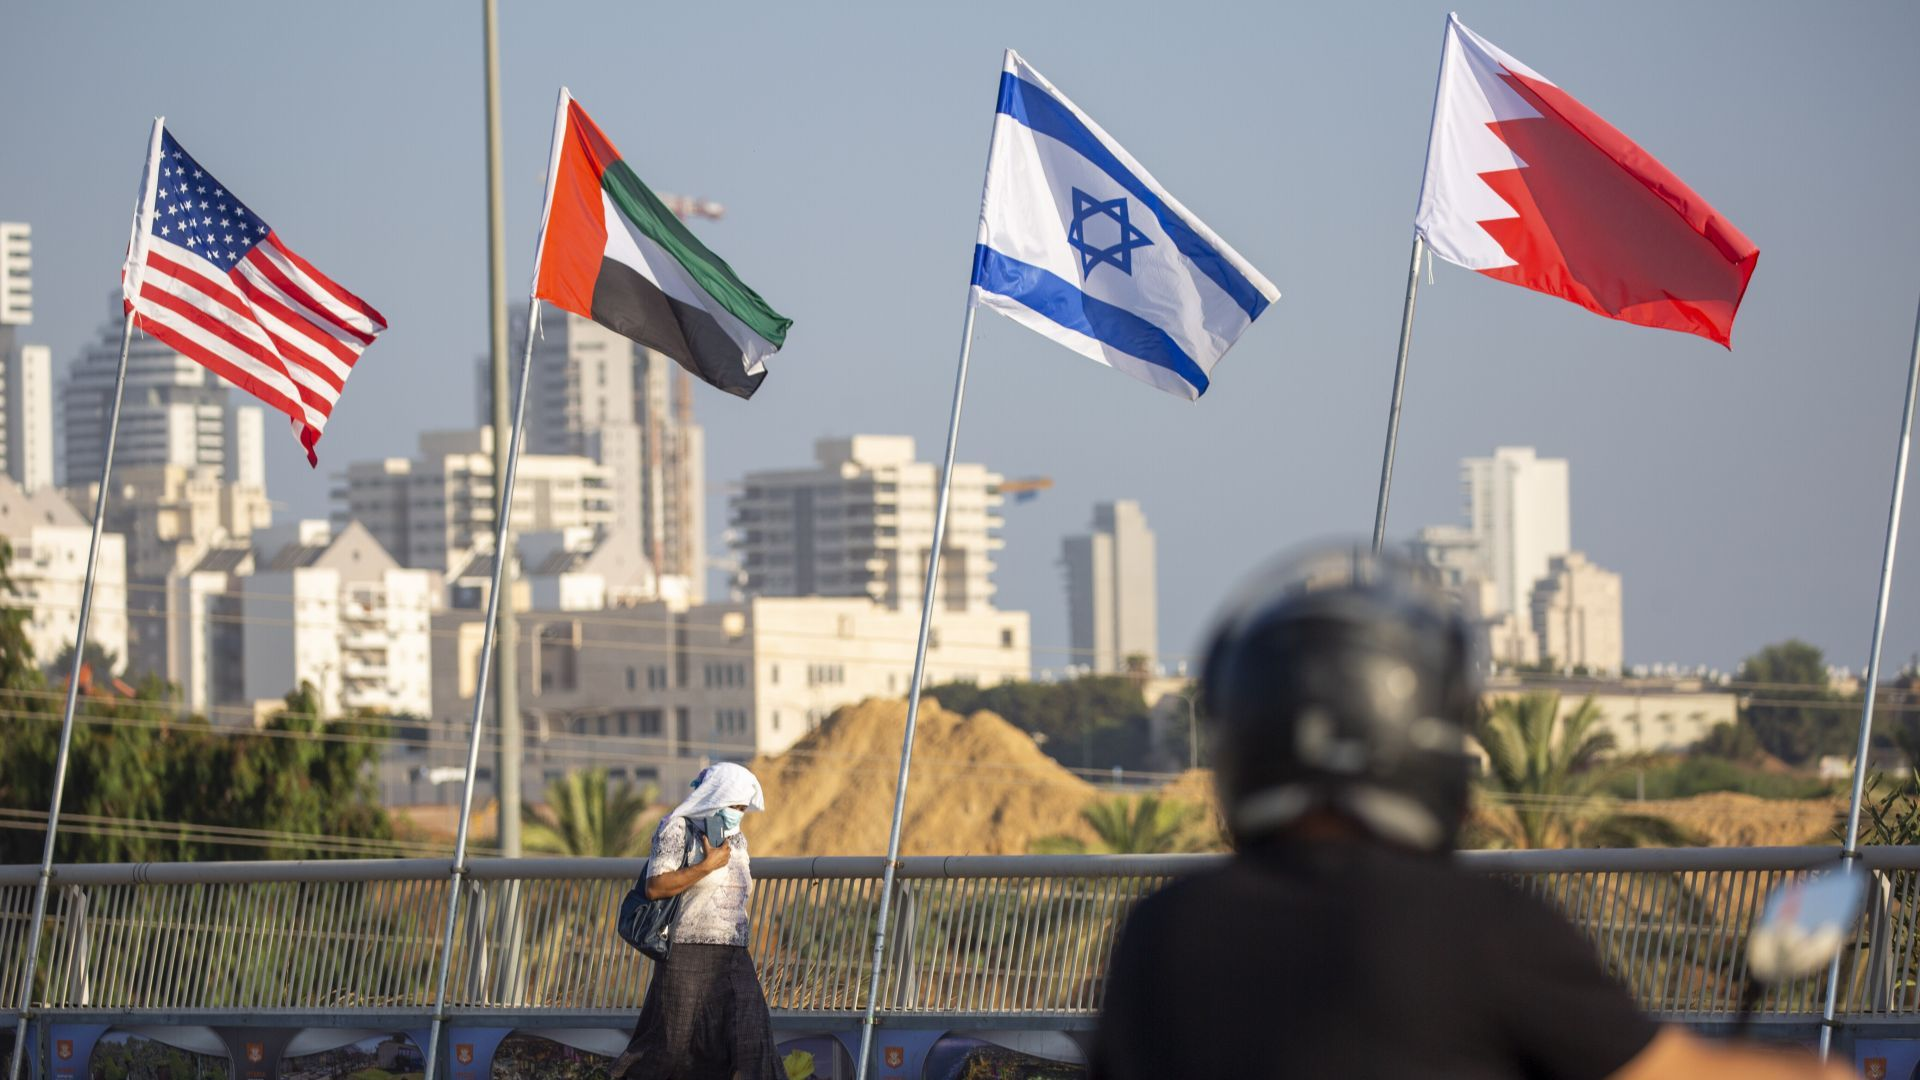 Николай Младенов: Ключът на договора Израел - ОАЕ може да е мир в Палестина